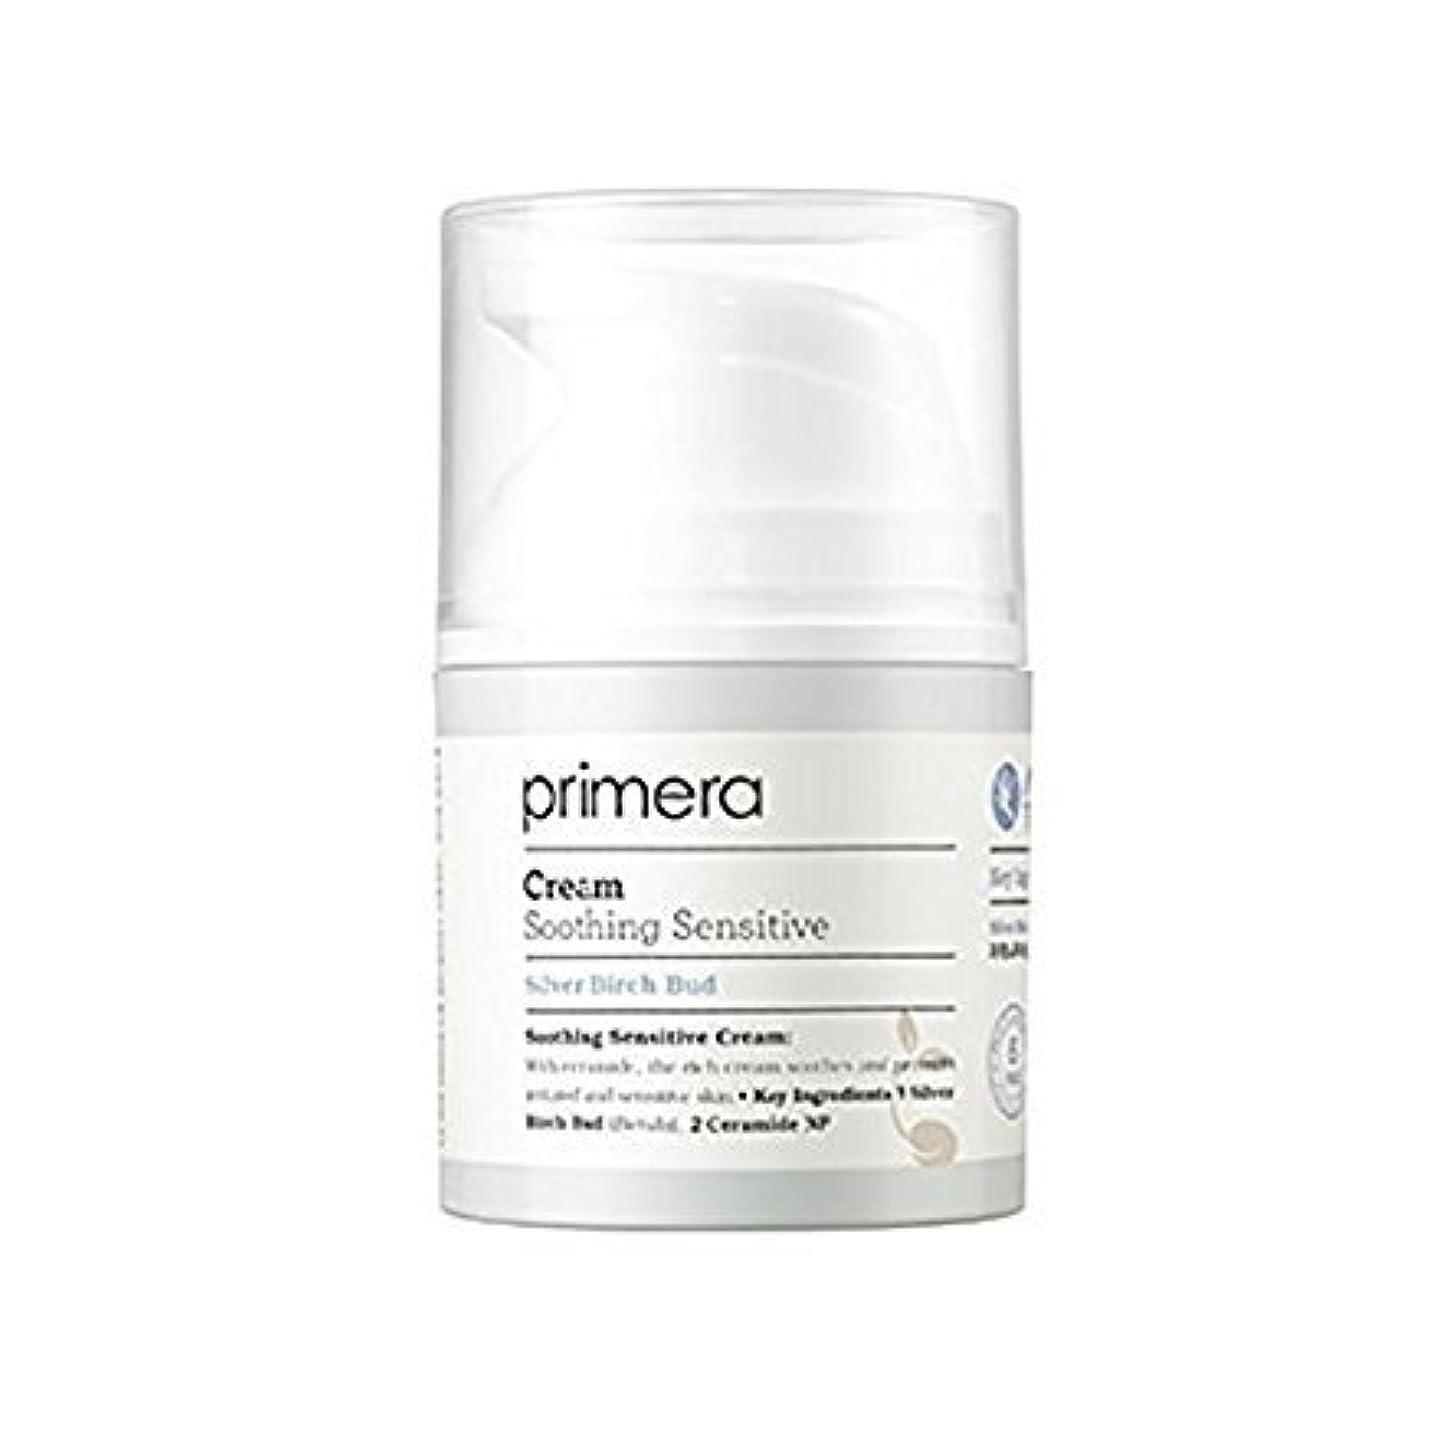 疲れた不完全な試みPrimera Technology 新しい 10 無料敏感クリーム 30 Ml をなだめるプリメーラ [並行輸入品]